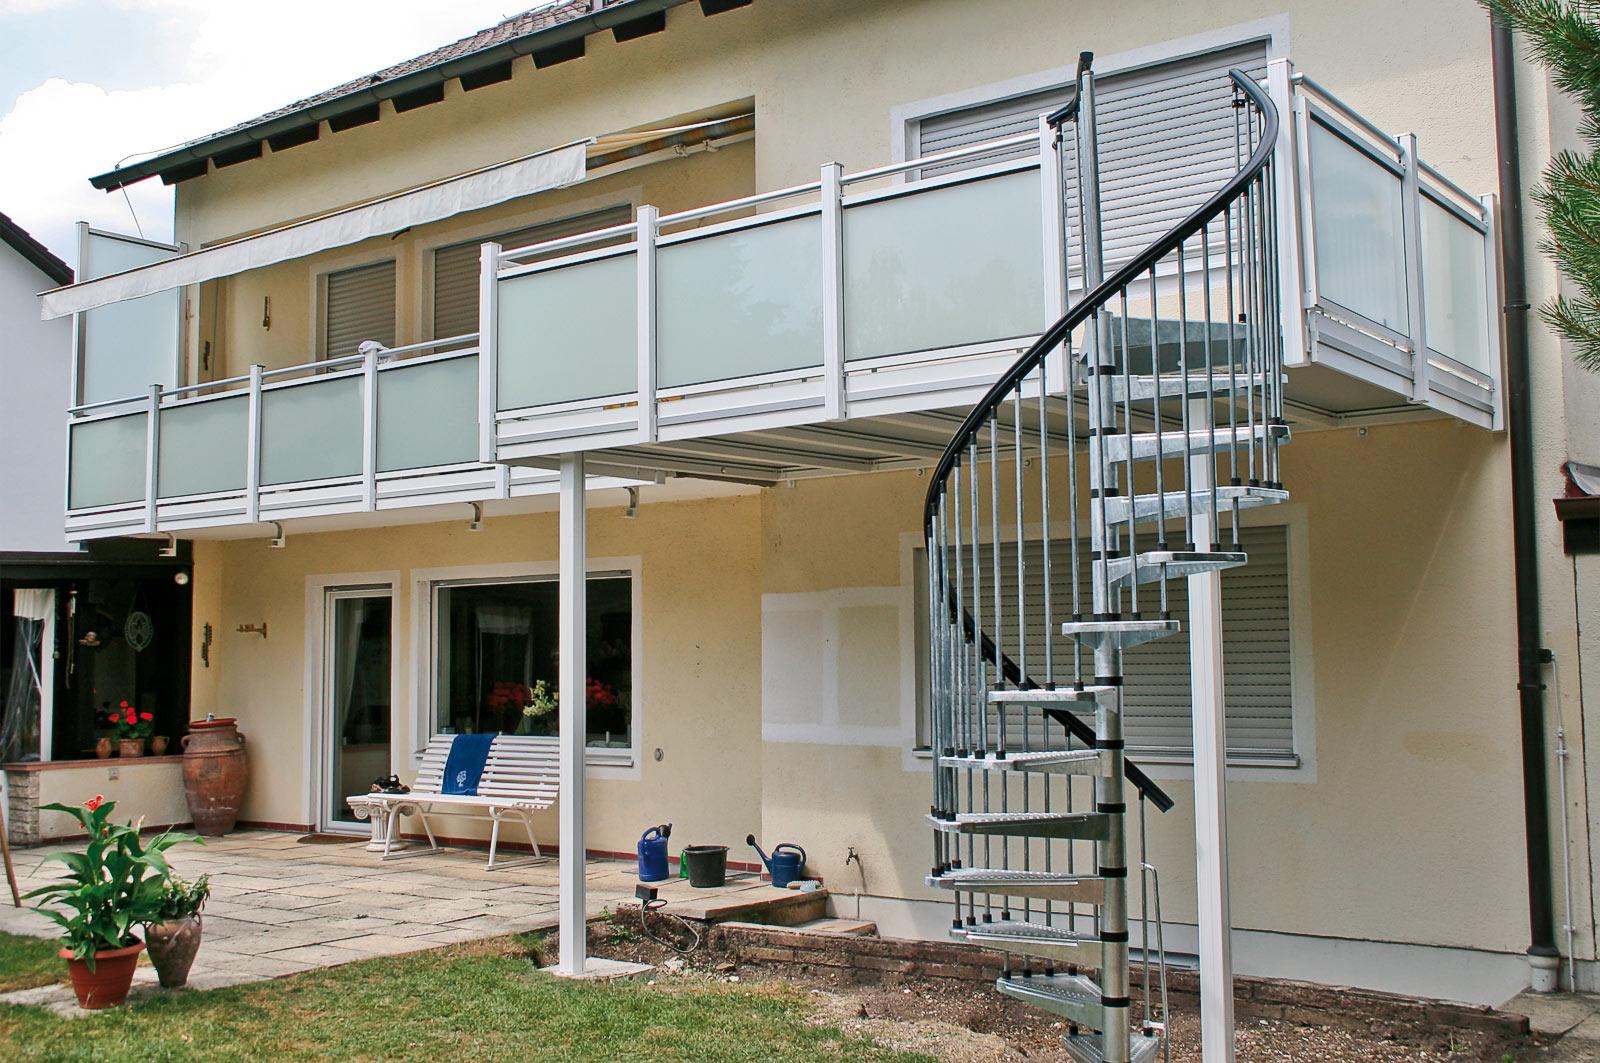 linder balkone z une alu alubalkone alu balkonanbauten alu. Black Bedroom Furniture Sets. Home Design Ideas